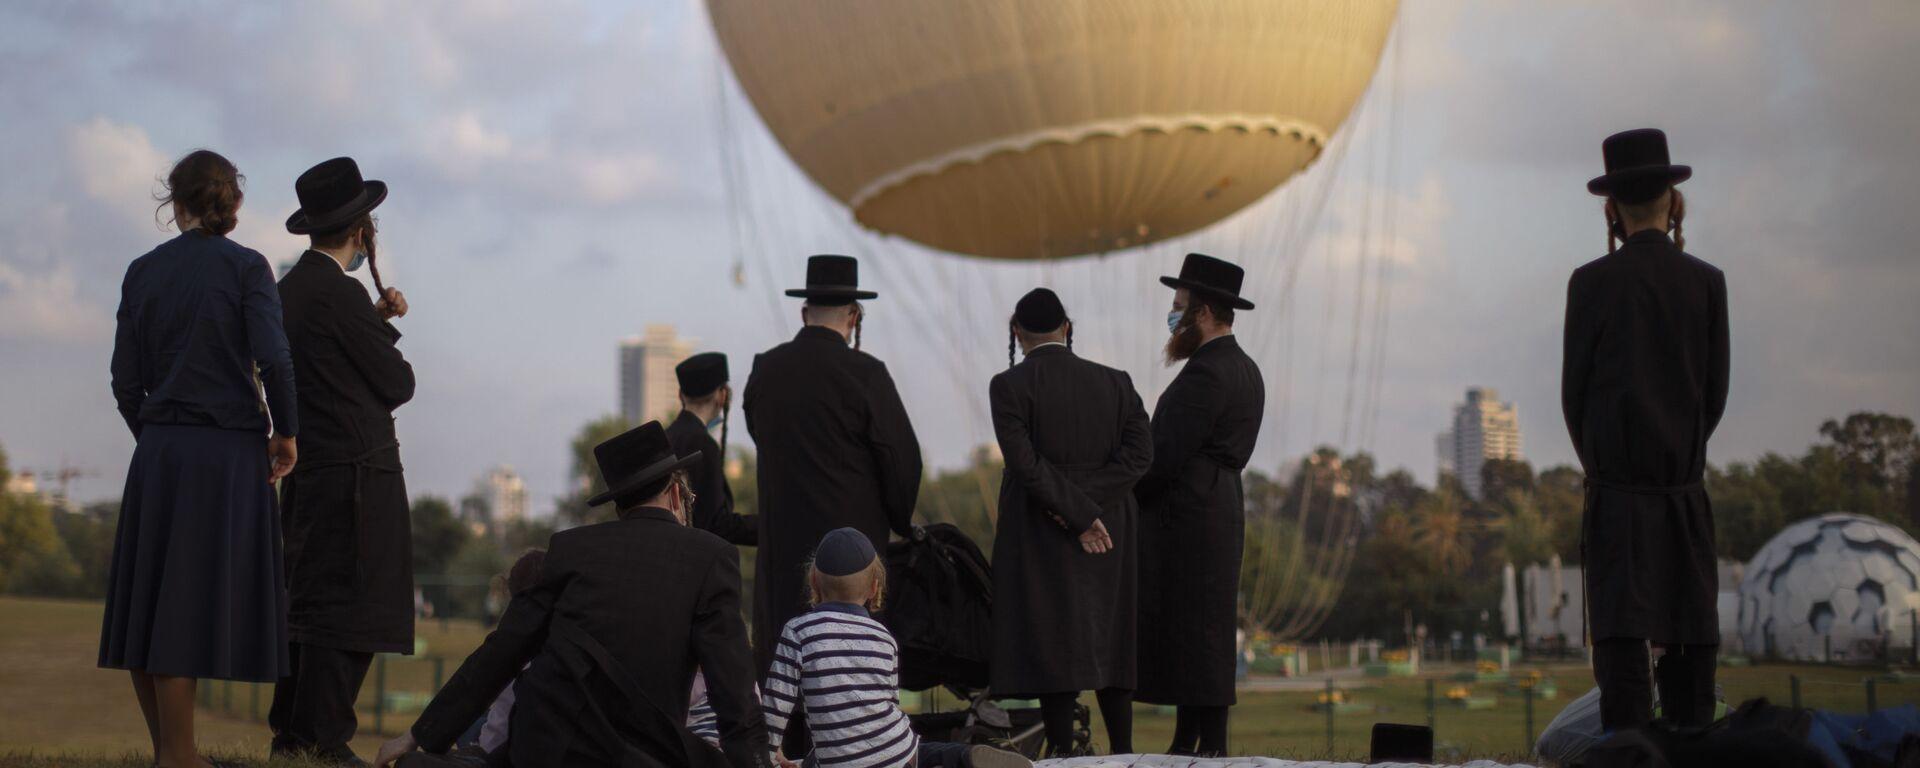 Ortodoksyjni Żydzi w parku w Tel Awiwie - Sputnik Polska, 1920, 29.06.2021